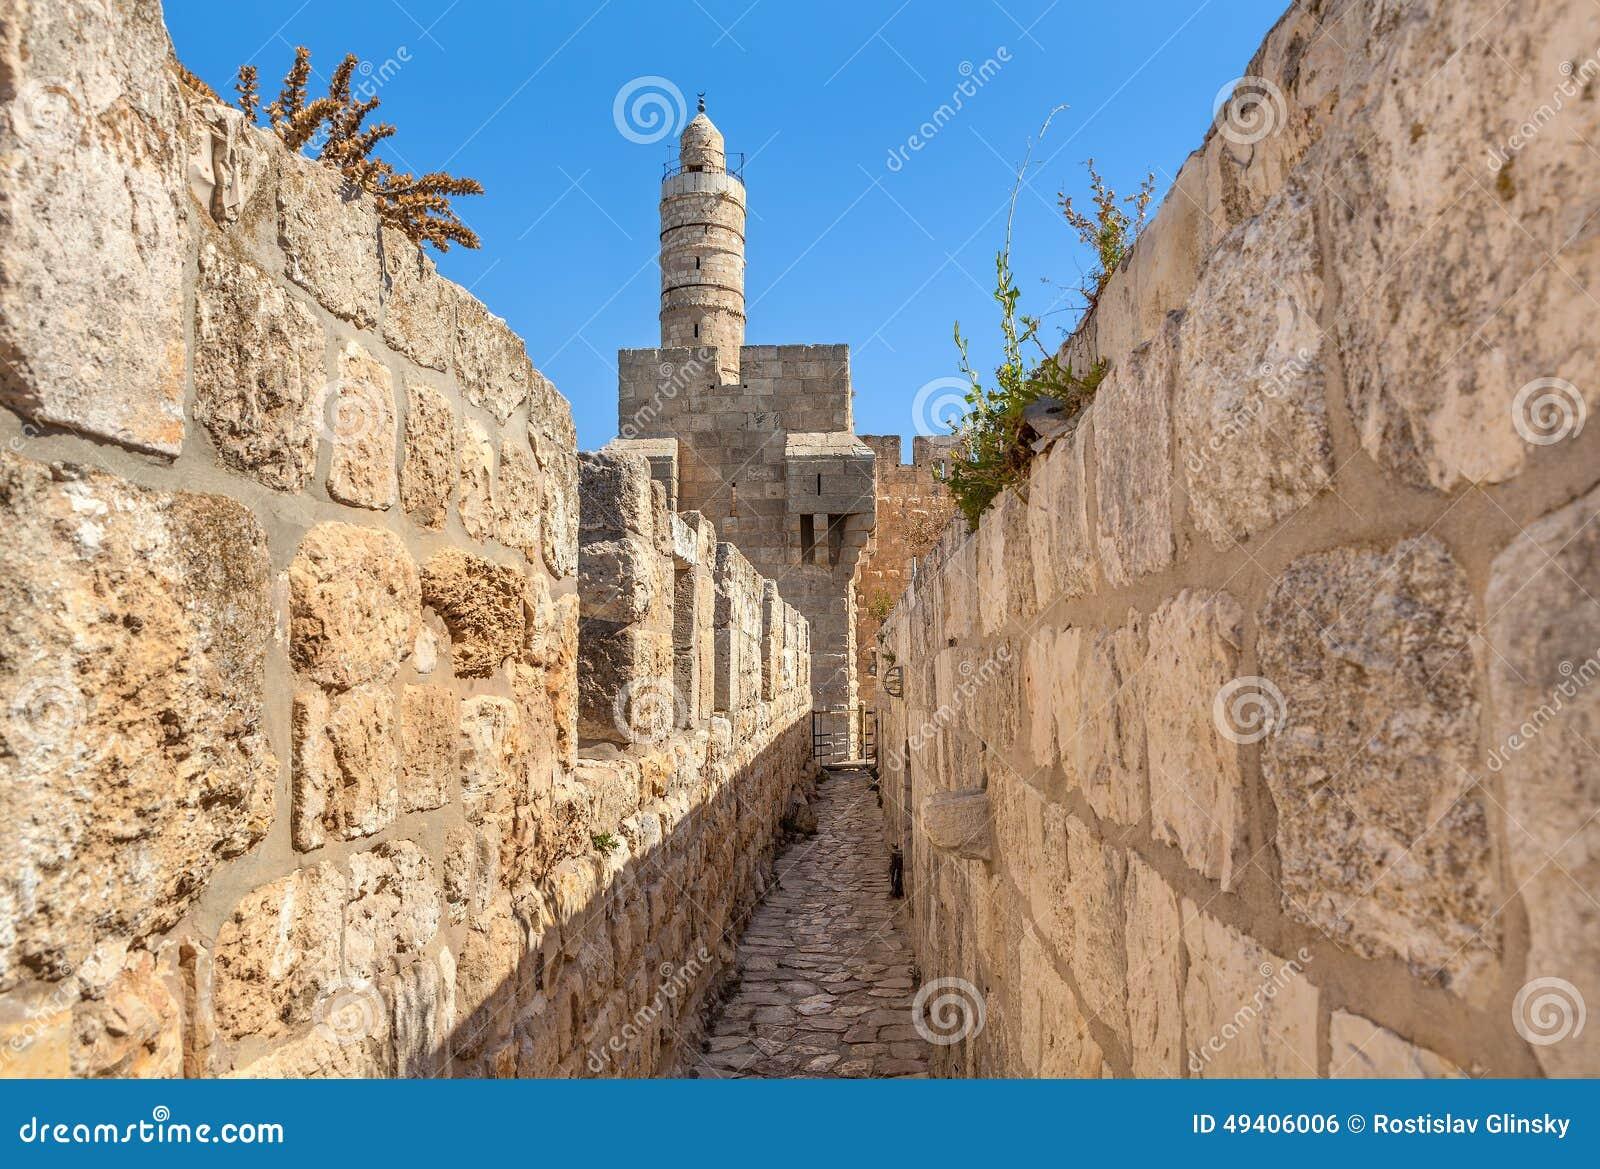 Download Turm Von David Und Von Alten Wänden In Jerusalem Stockfoto - Bild von wand, jüdisch: 49406006